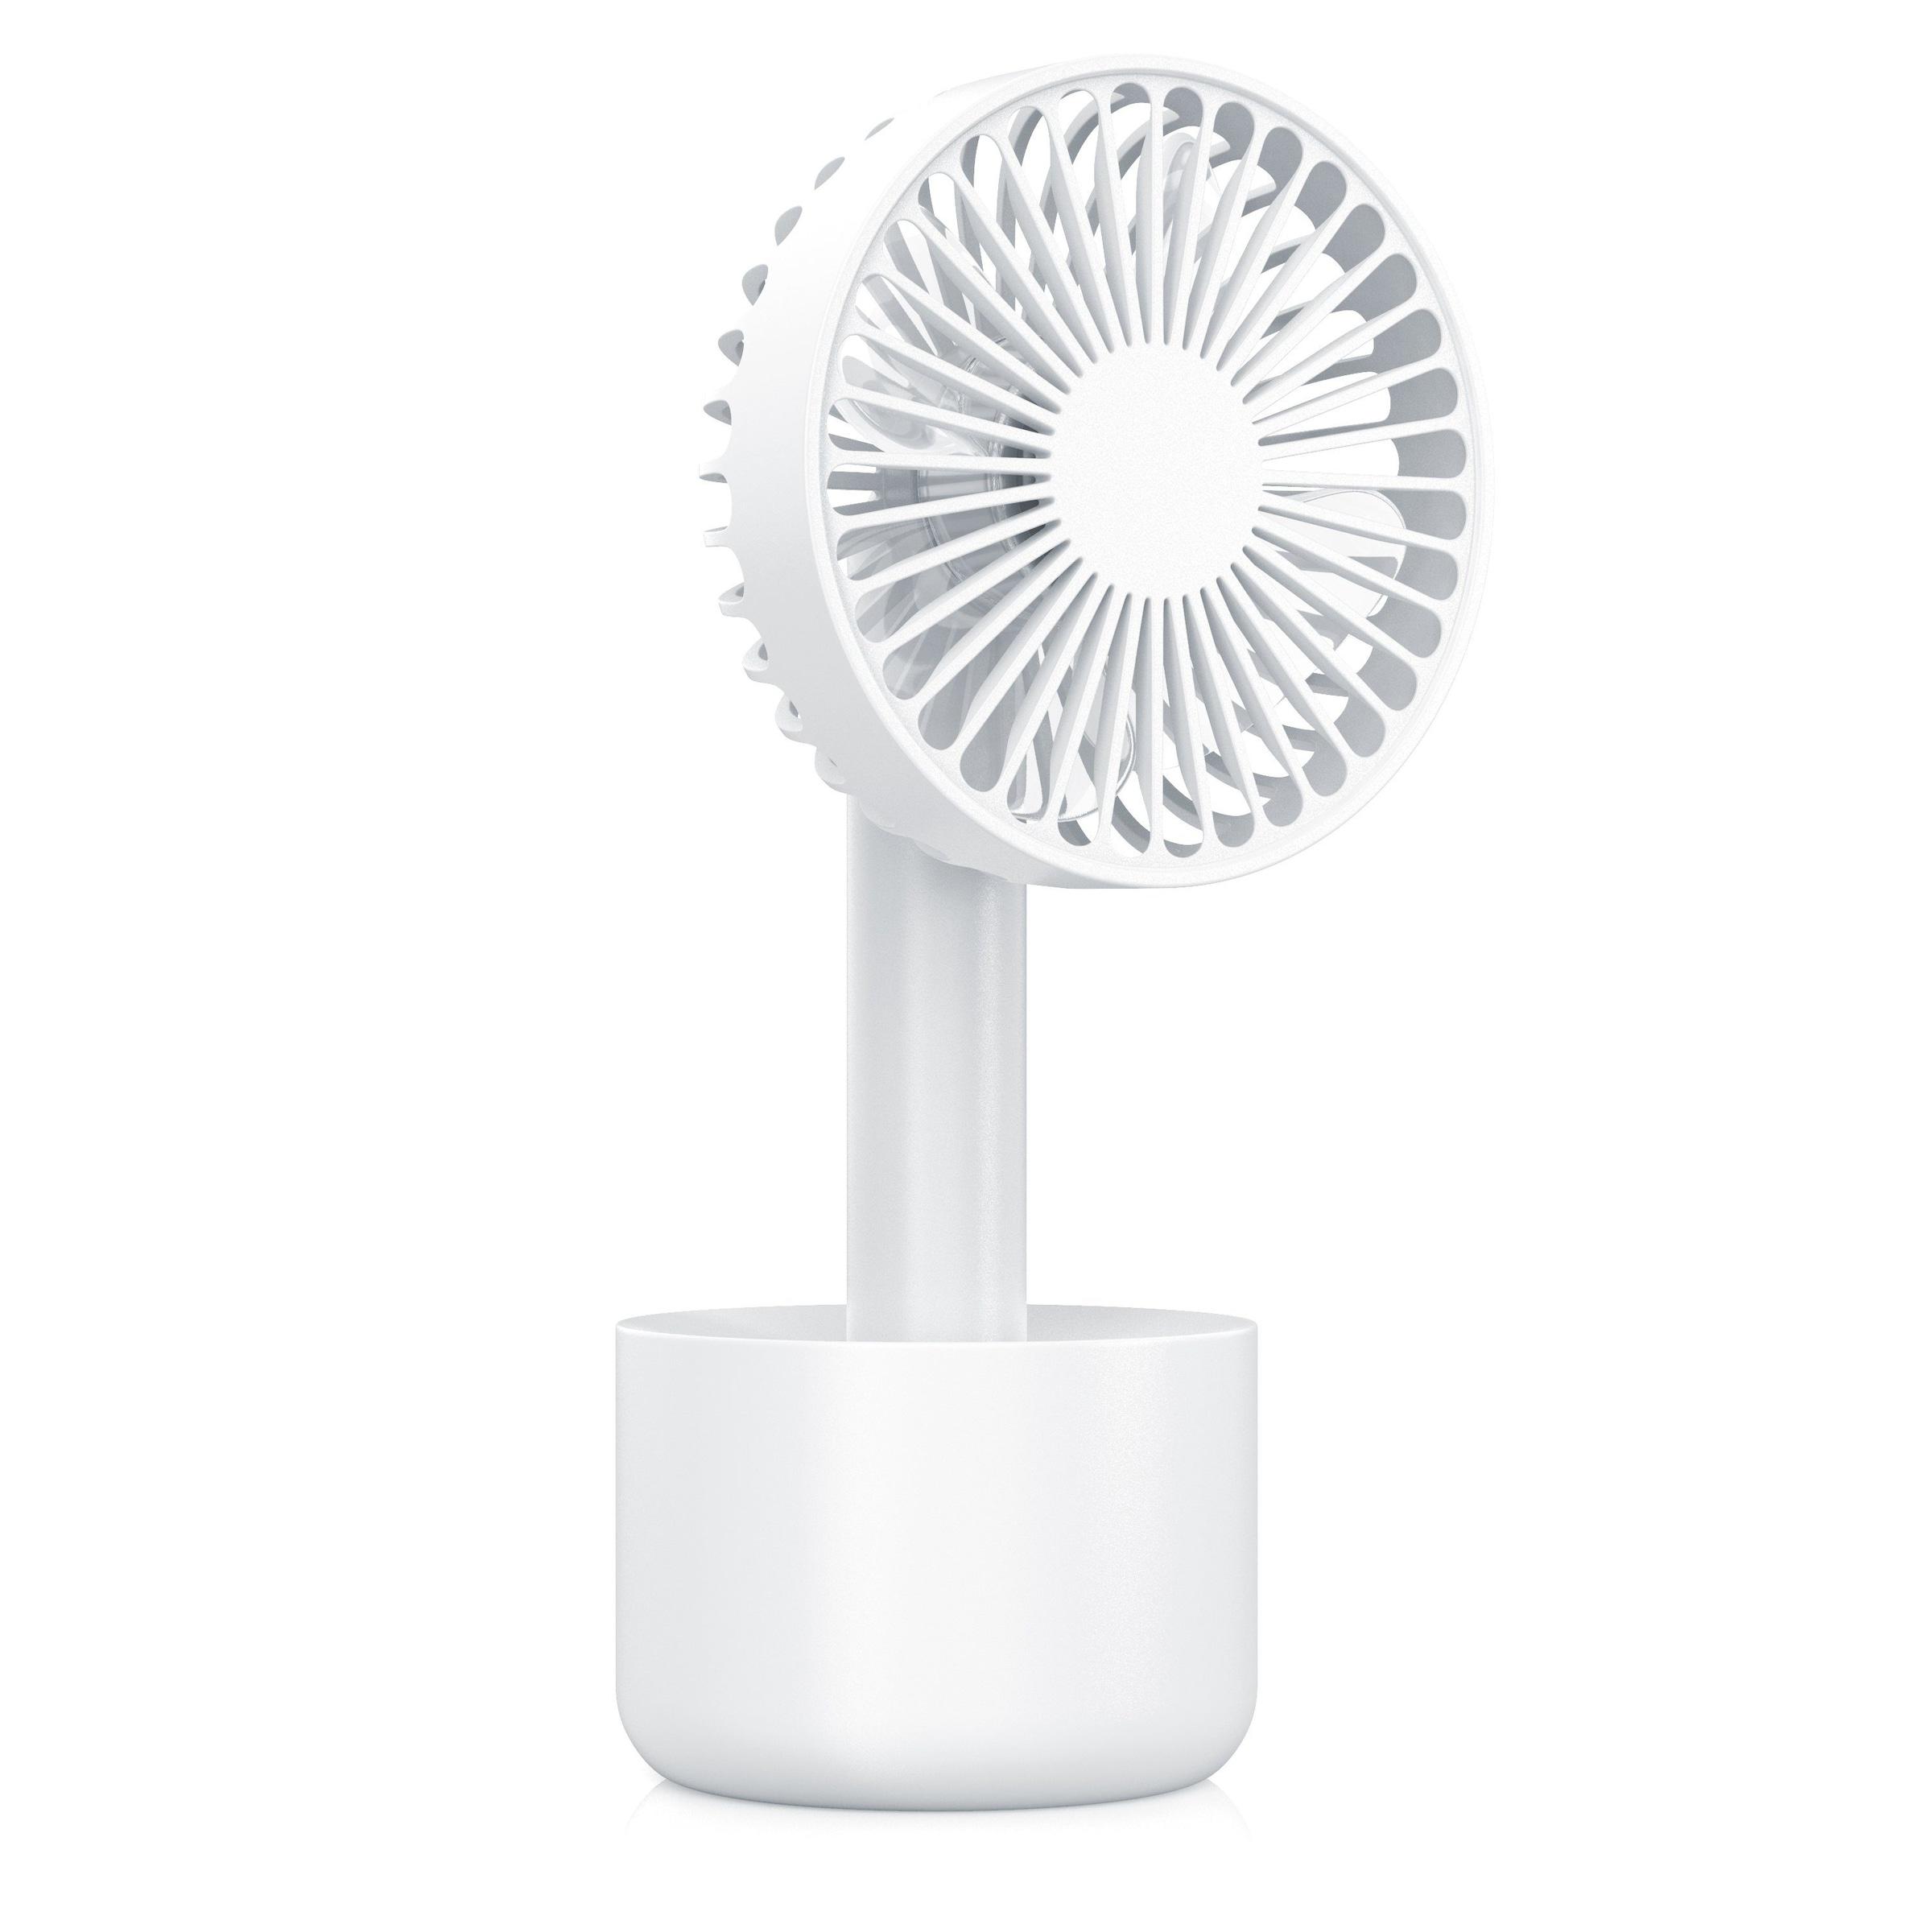 Midea Kühlen Fan Kleine Tragbare Klimaanlage Für Zimmer Kühler Zimmer Mini Tragbare Klimaanlage Kostenloser Versand Stabile Konstruktion Großgeräte